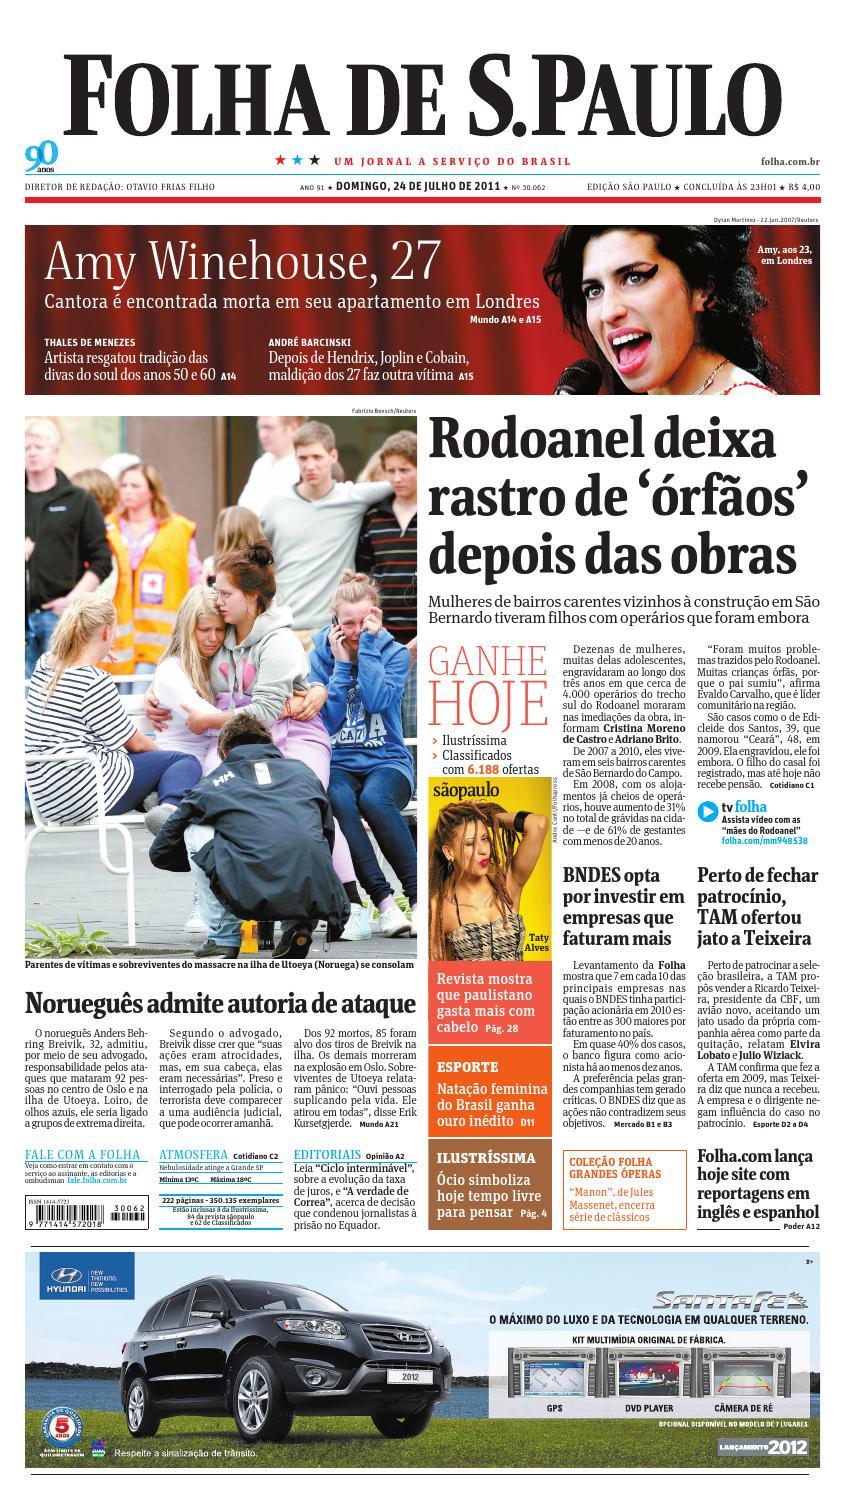 Atende Sao Campos Bernardo Fernandinha 24h Santo Grande Andre Abc